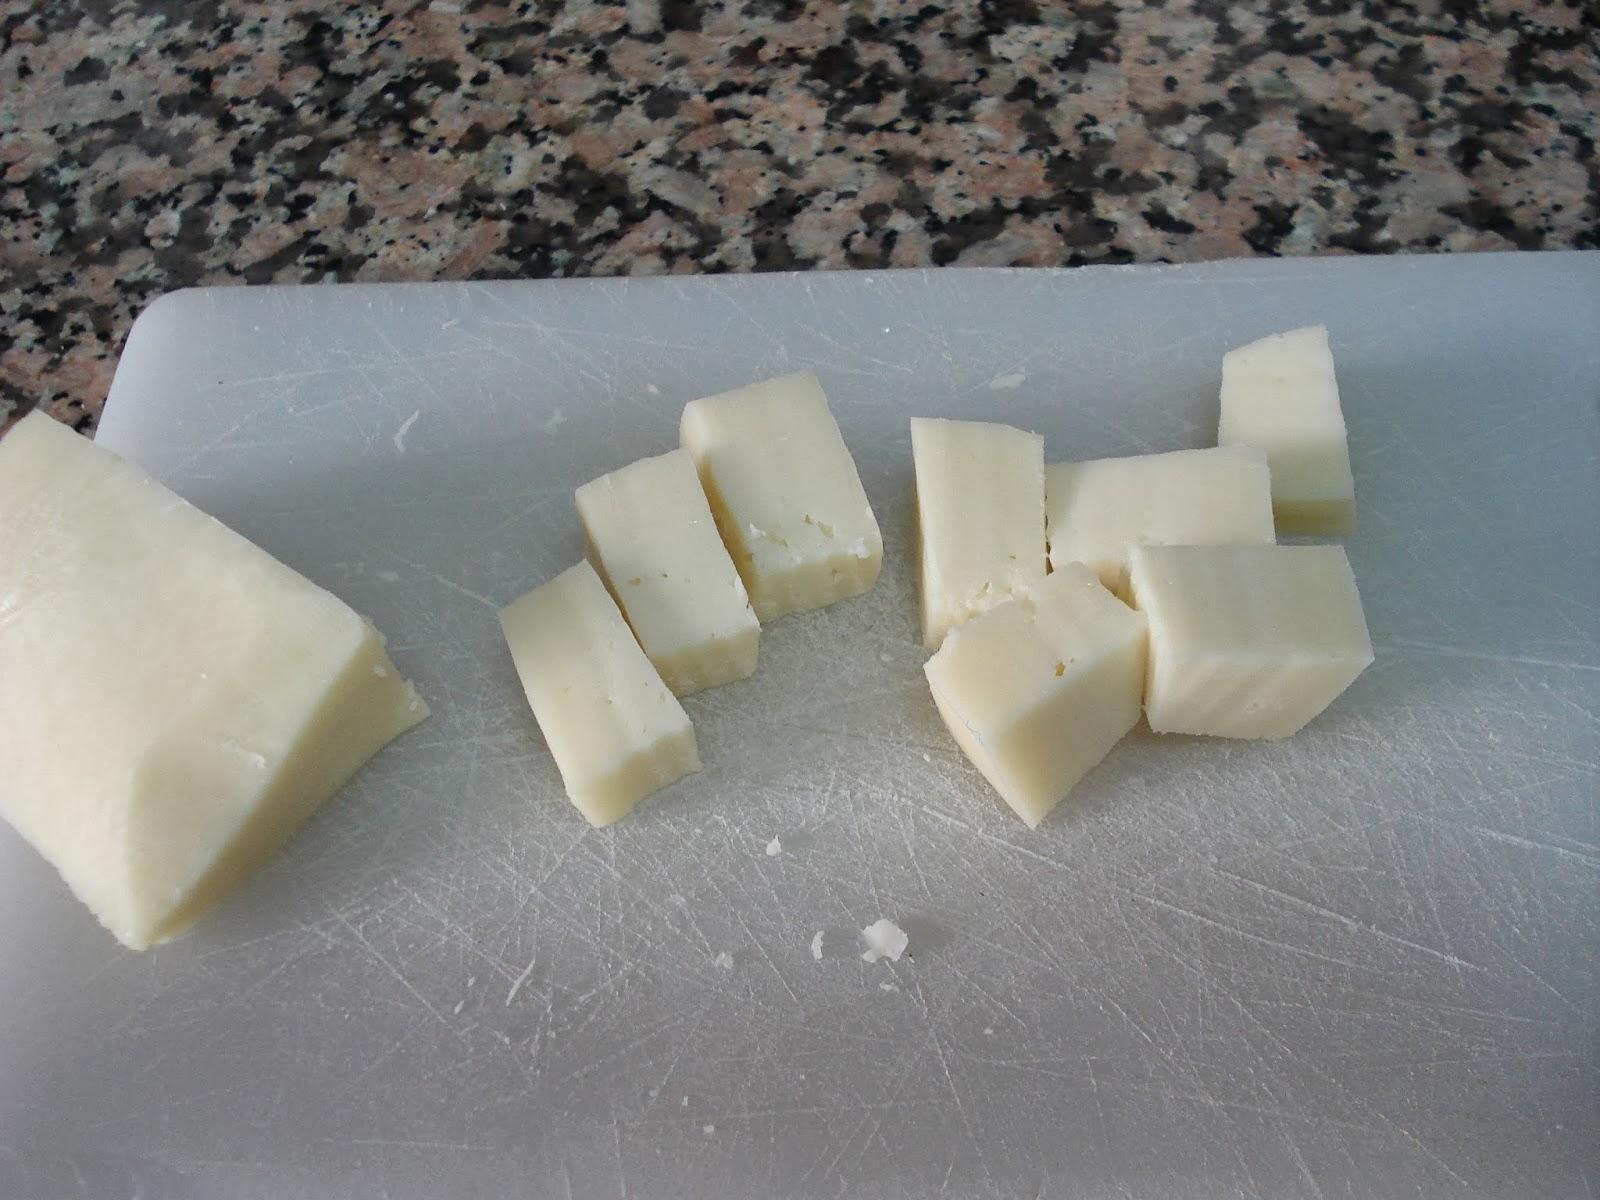 Mama rosa al habla trucos e ideas caseras for Cuchillo cortar queso